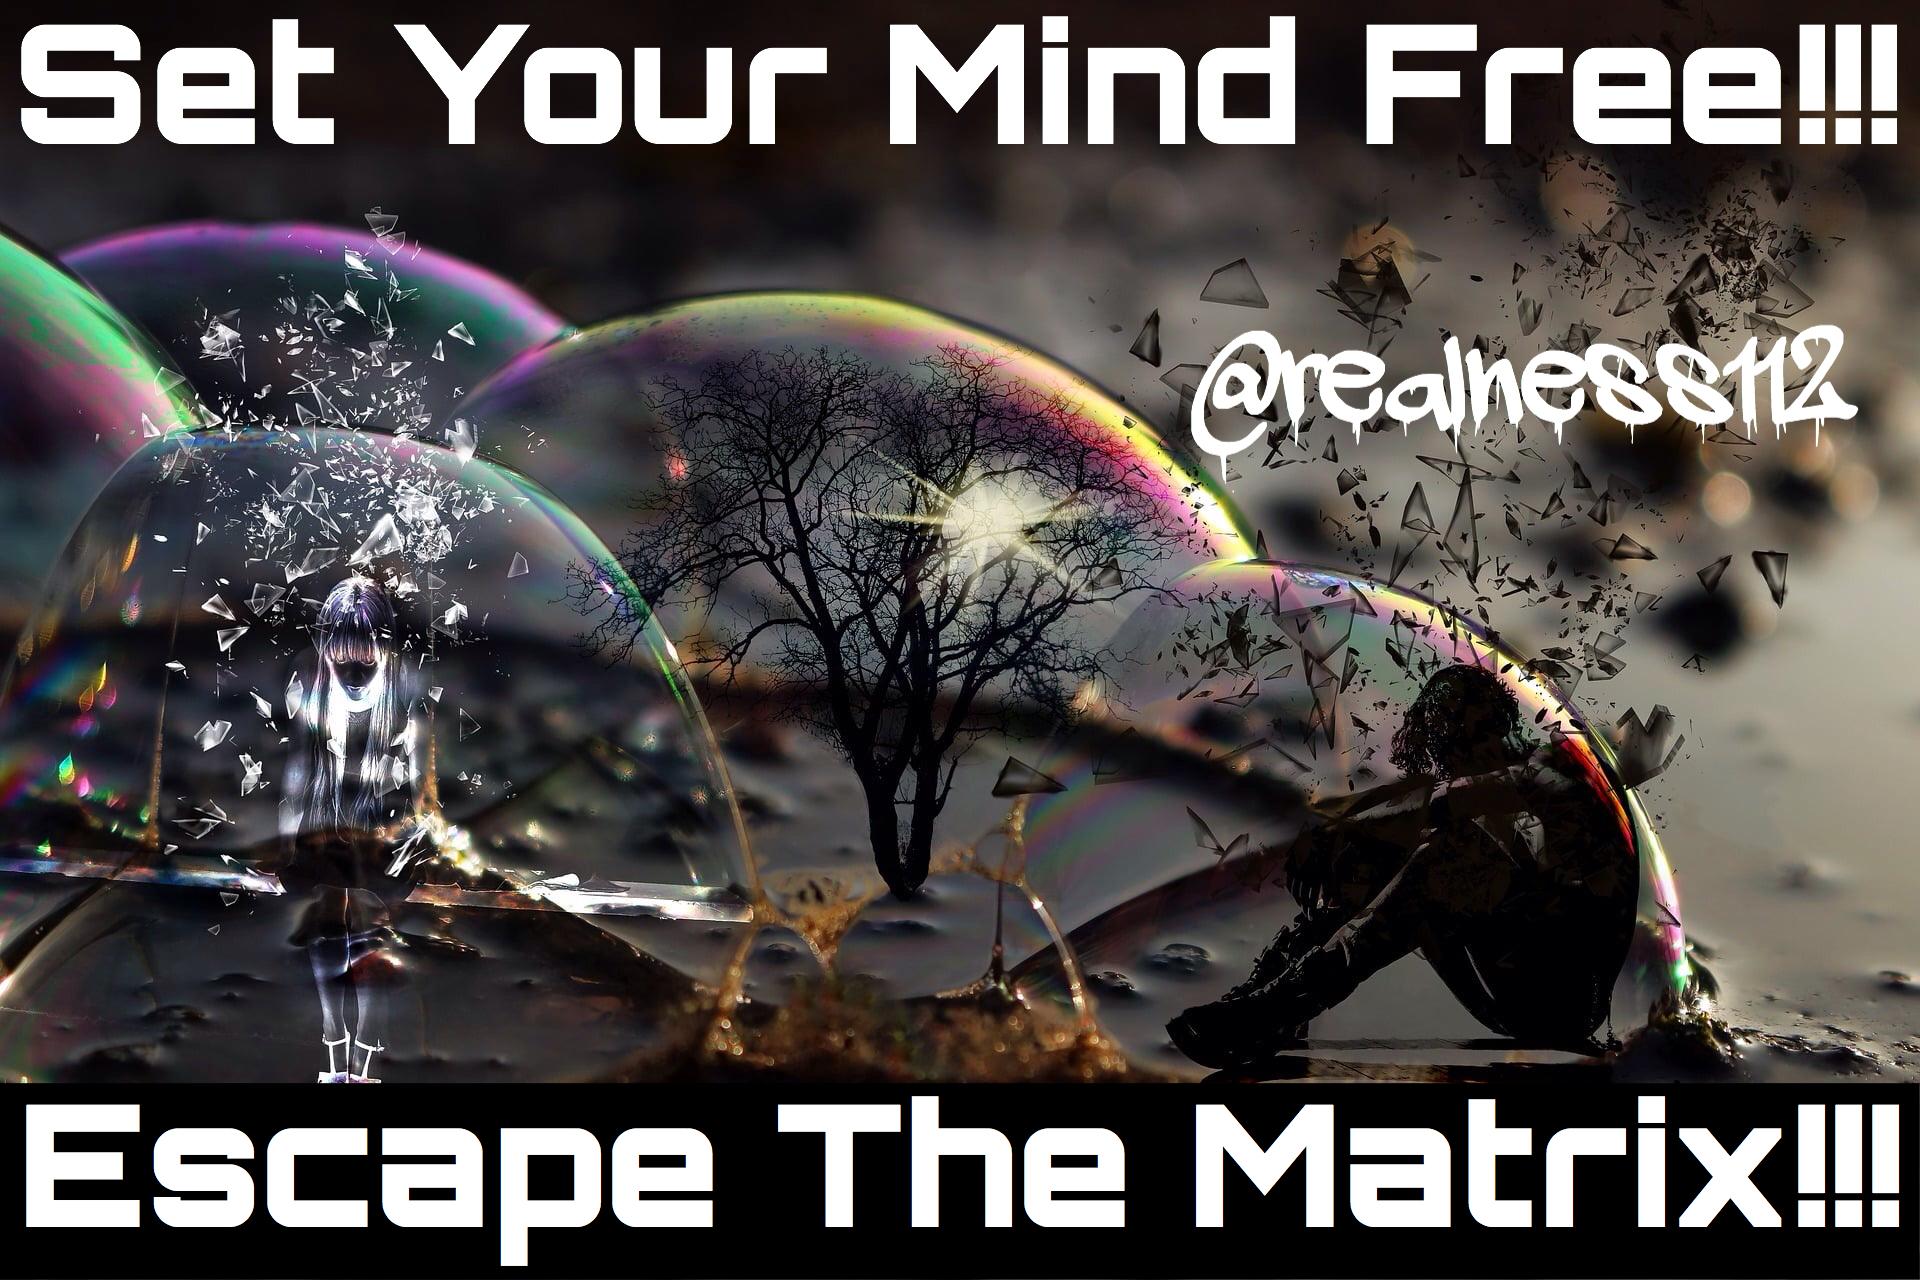 @realness112 Escape the Matrix!!